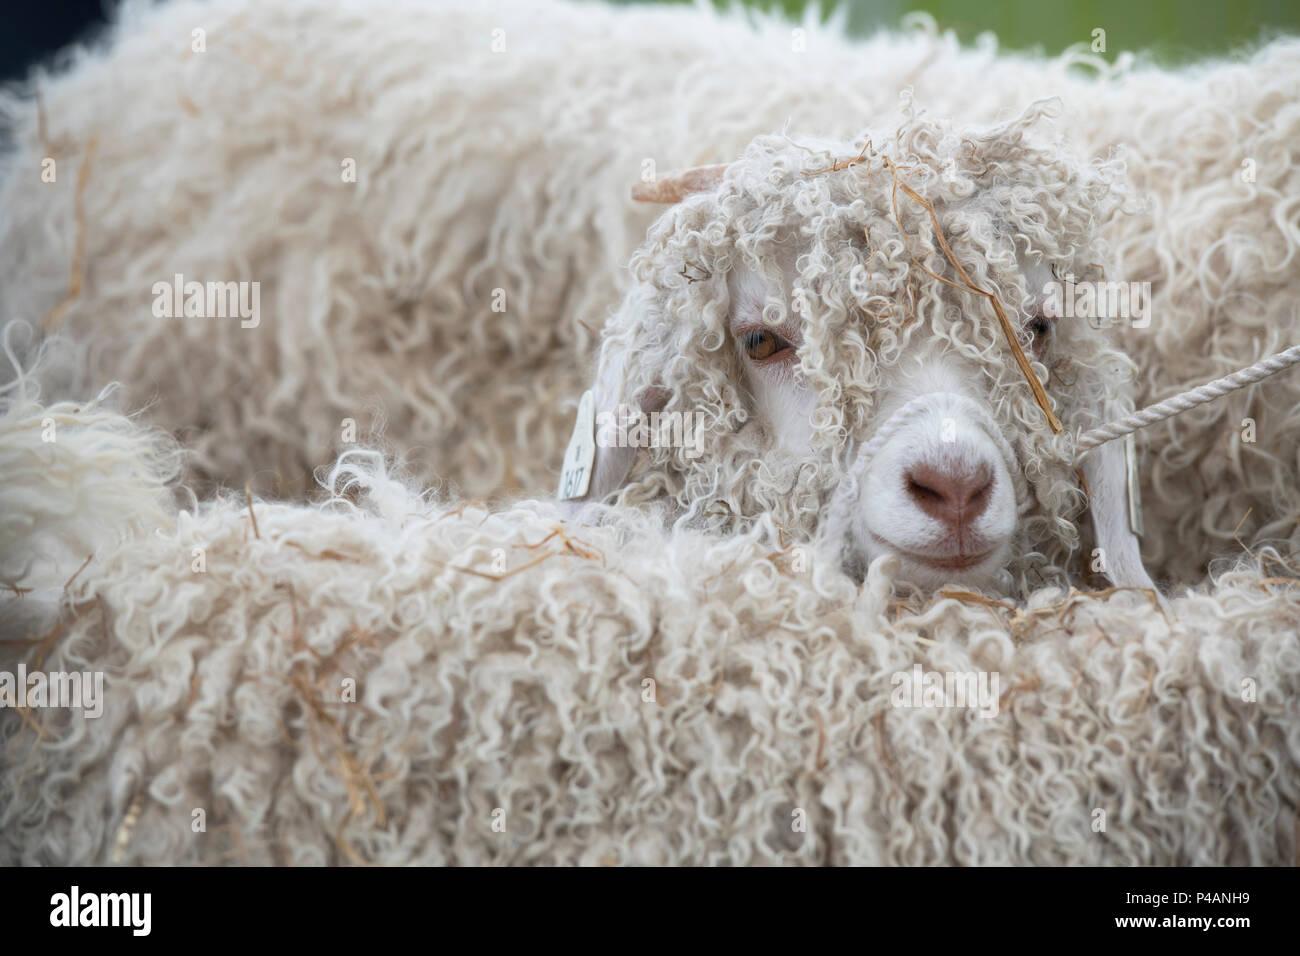 Capra aegagrus hircus. Angora kid goats at an agricultural show. UK - Stock Image